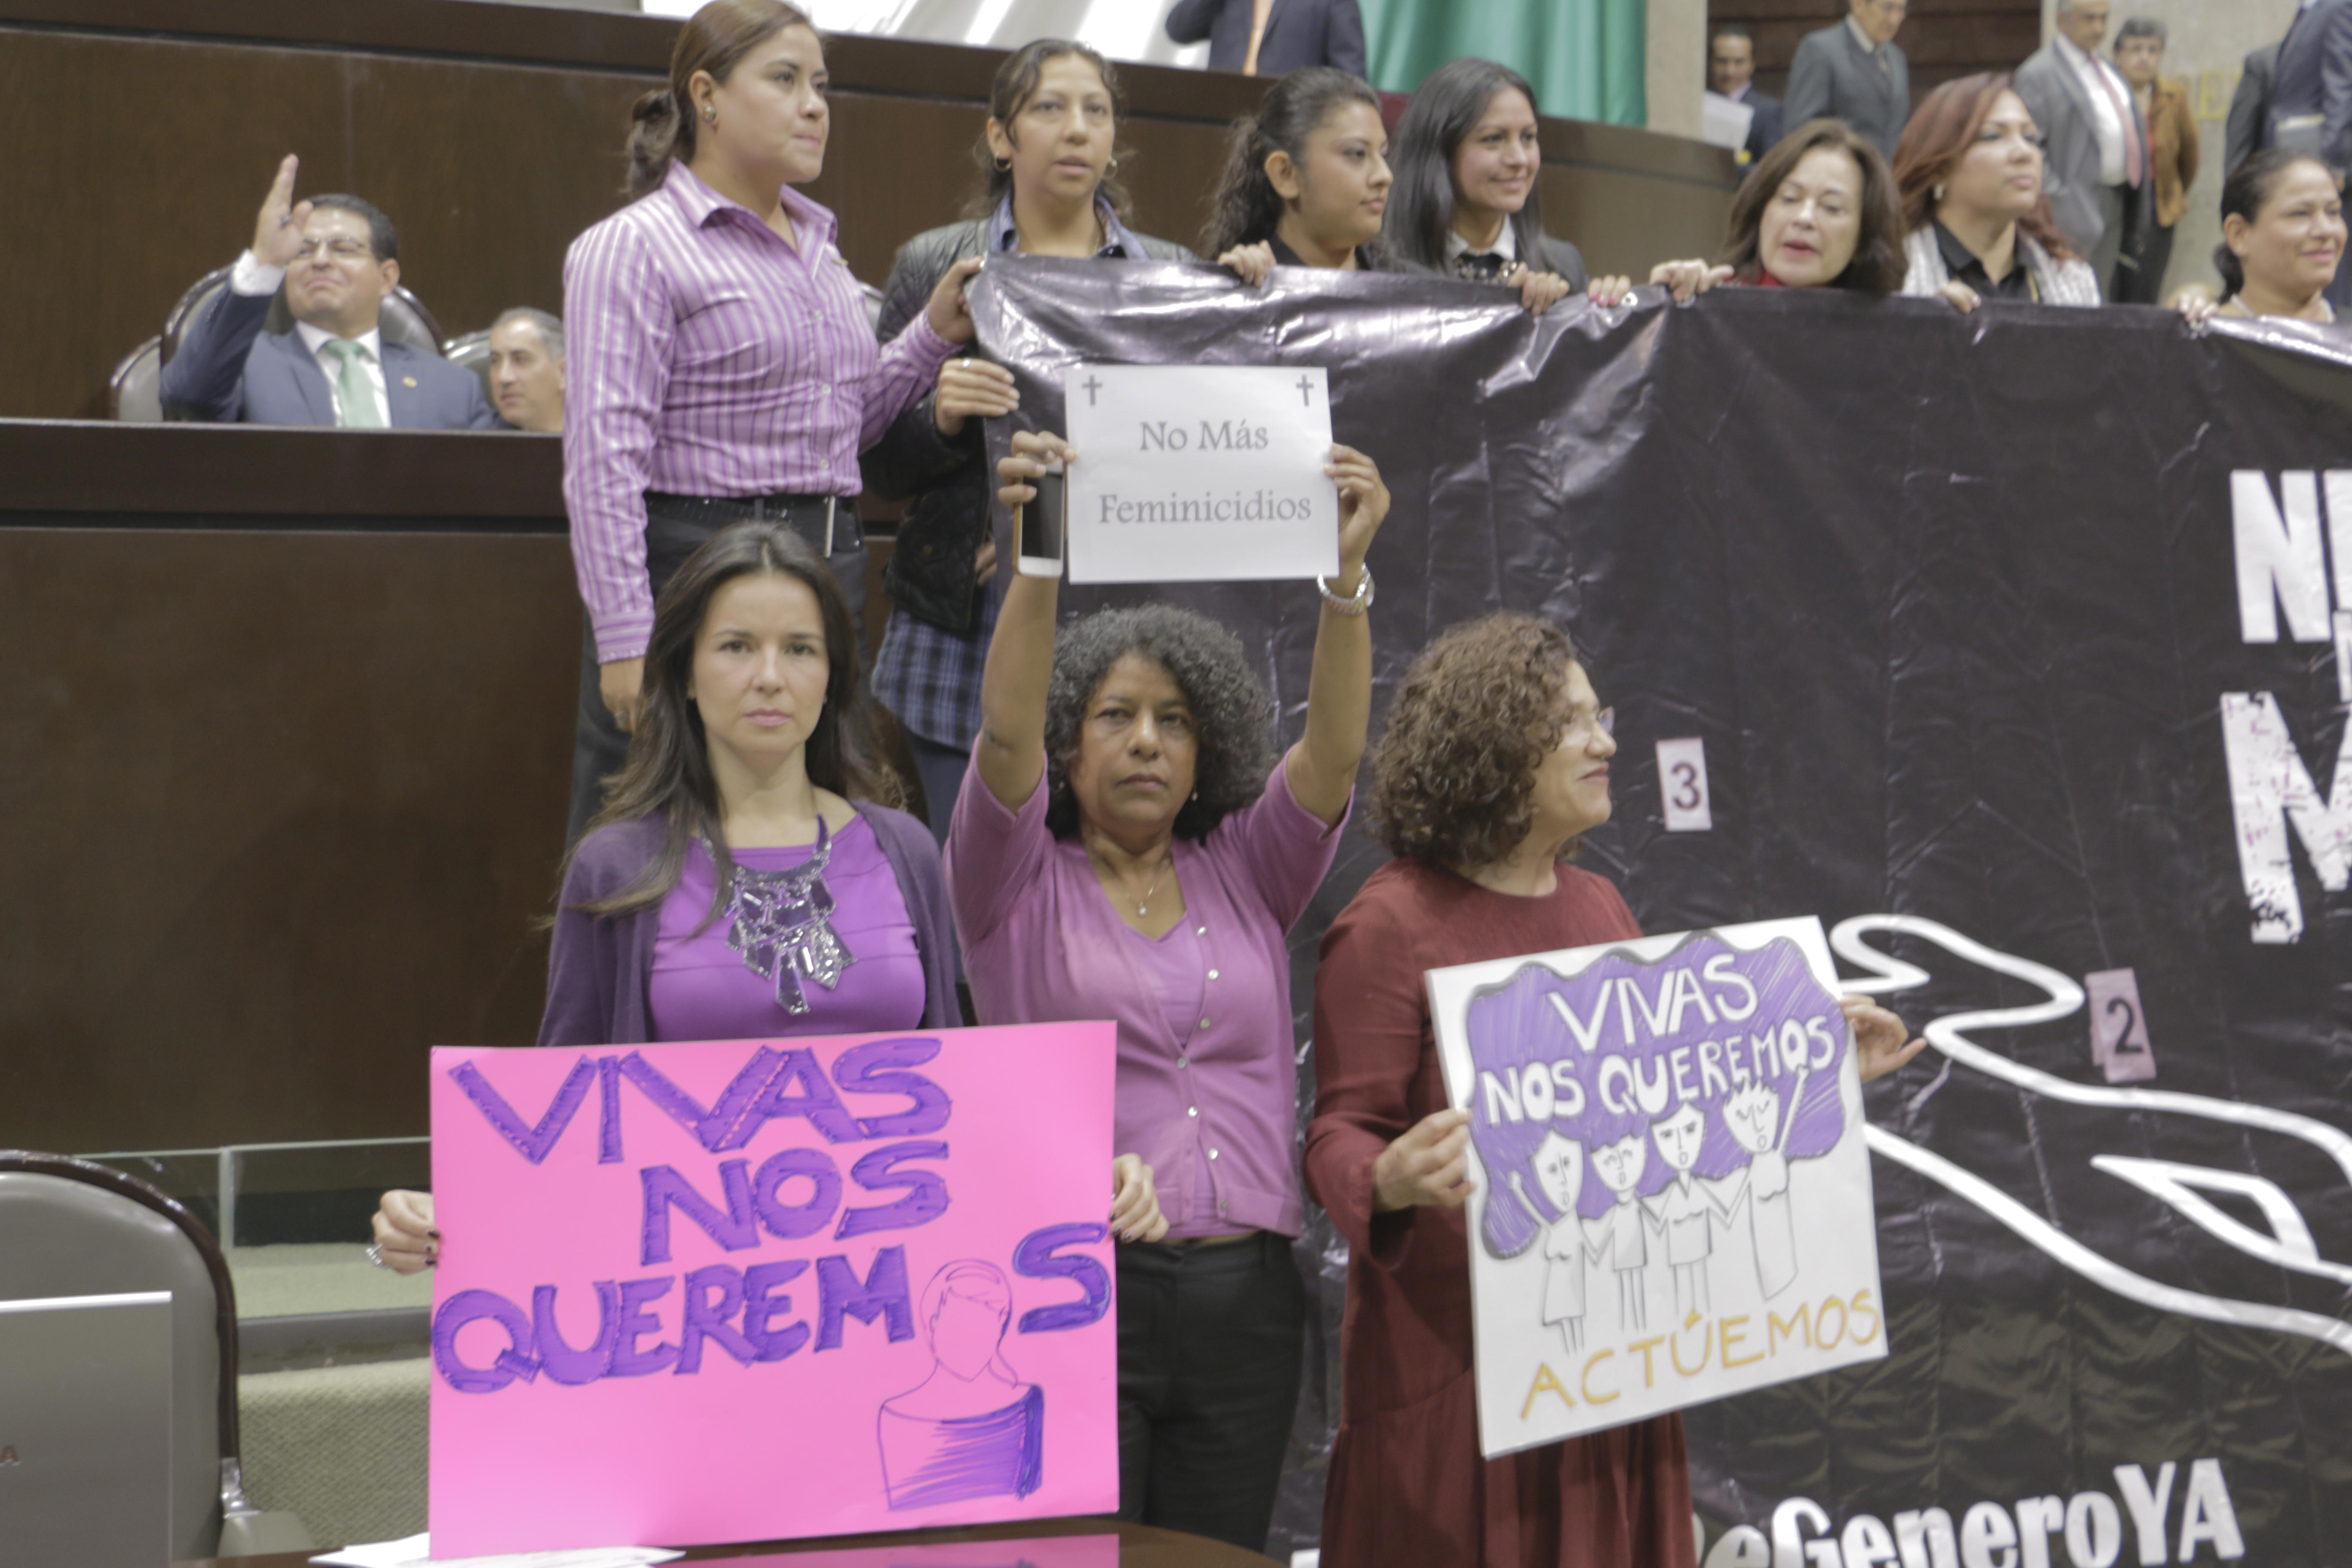 DIPUTADA CANDELARIA OCHOA ÁVALOS URGE AL GOBIERNO DE ENRIQUE PEÑA NIETO, A TOMAR ACCIONES INMEDIATAS PARA HACER FRENTE AL FEMINICIDIO